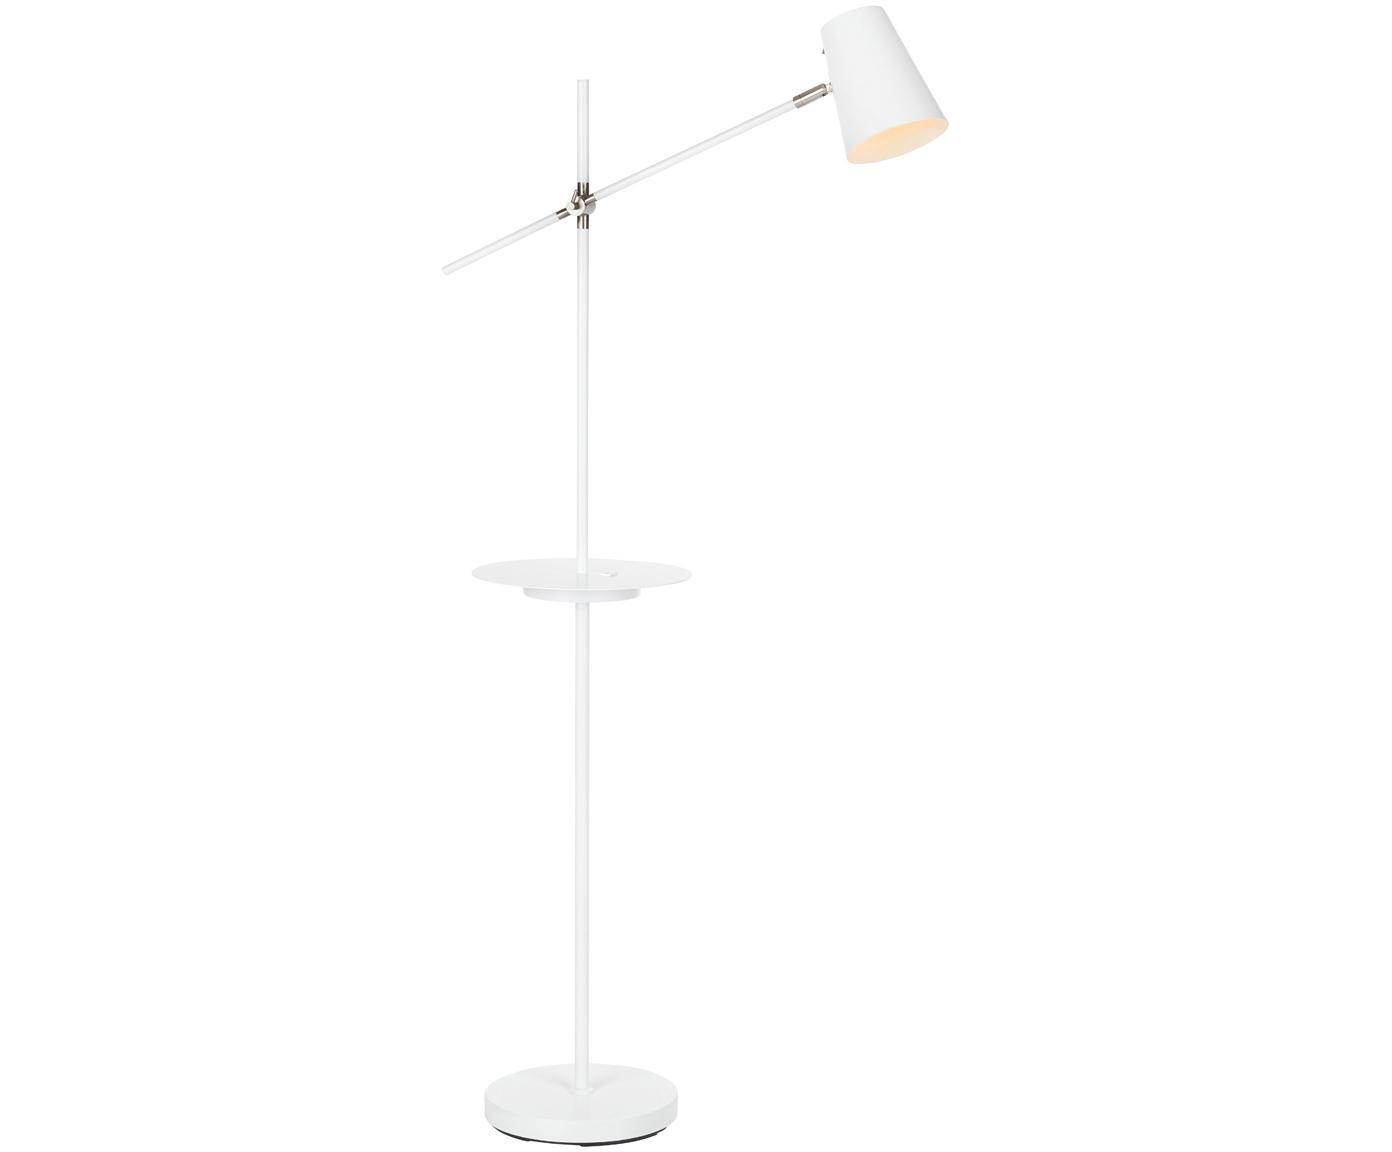 Lámpara de pie Linear, con conexión USB, Lámpara: metal recubierto, Blanco, An 28 x Al 144 cm